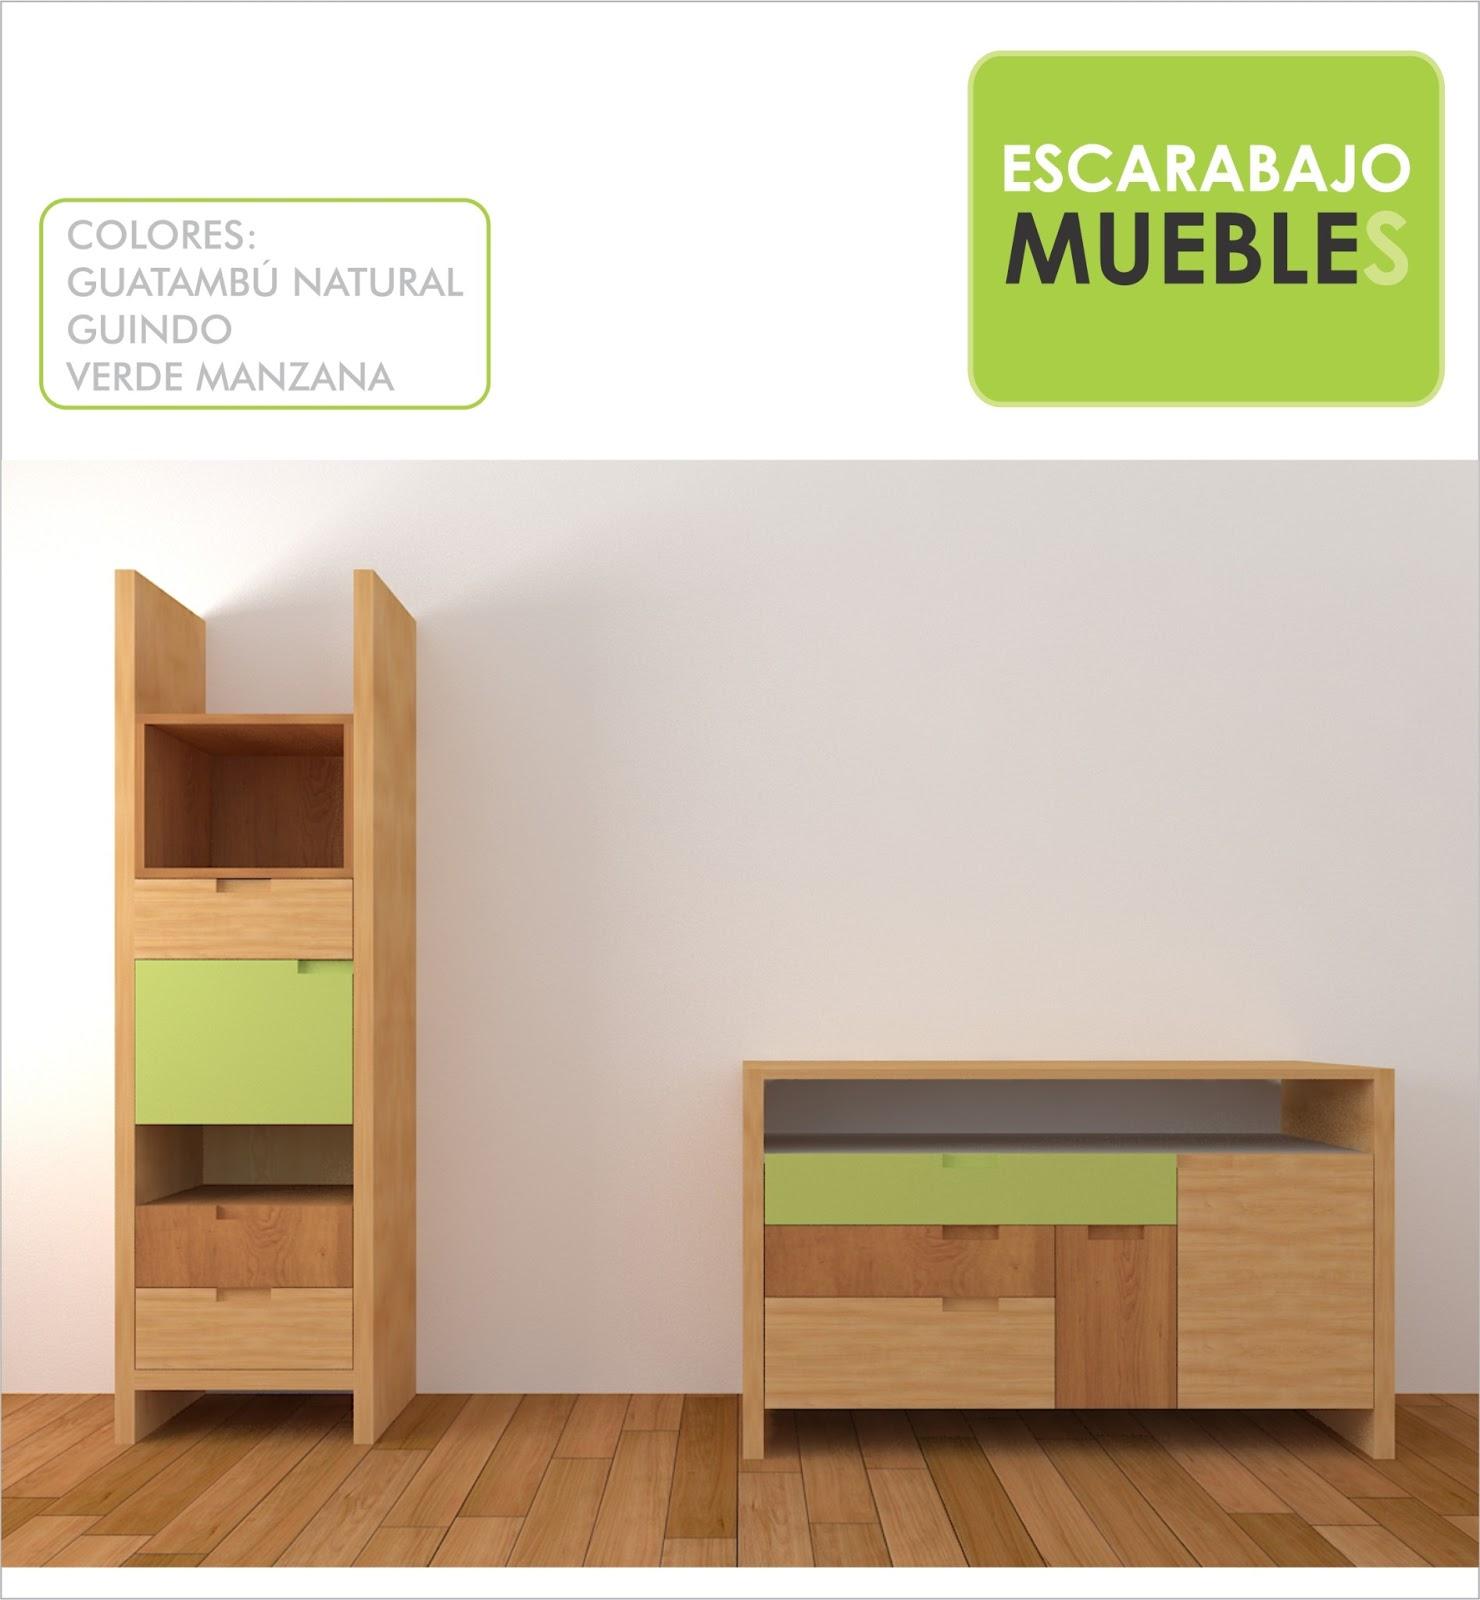 Muebles de guardar funcionales escarabajo muebles for Muebles para almacenar